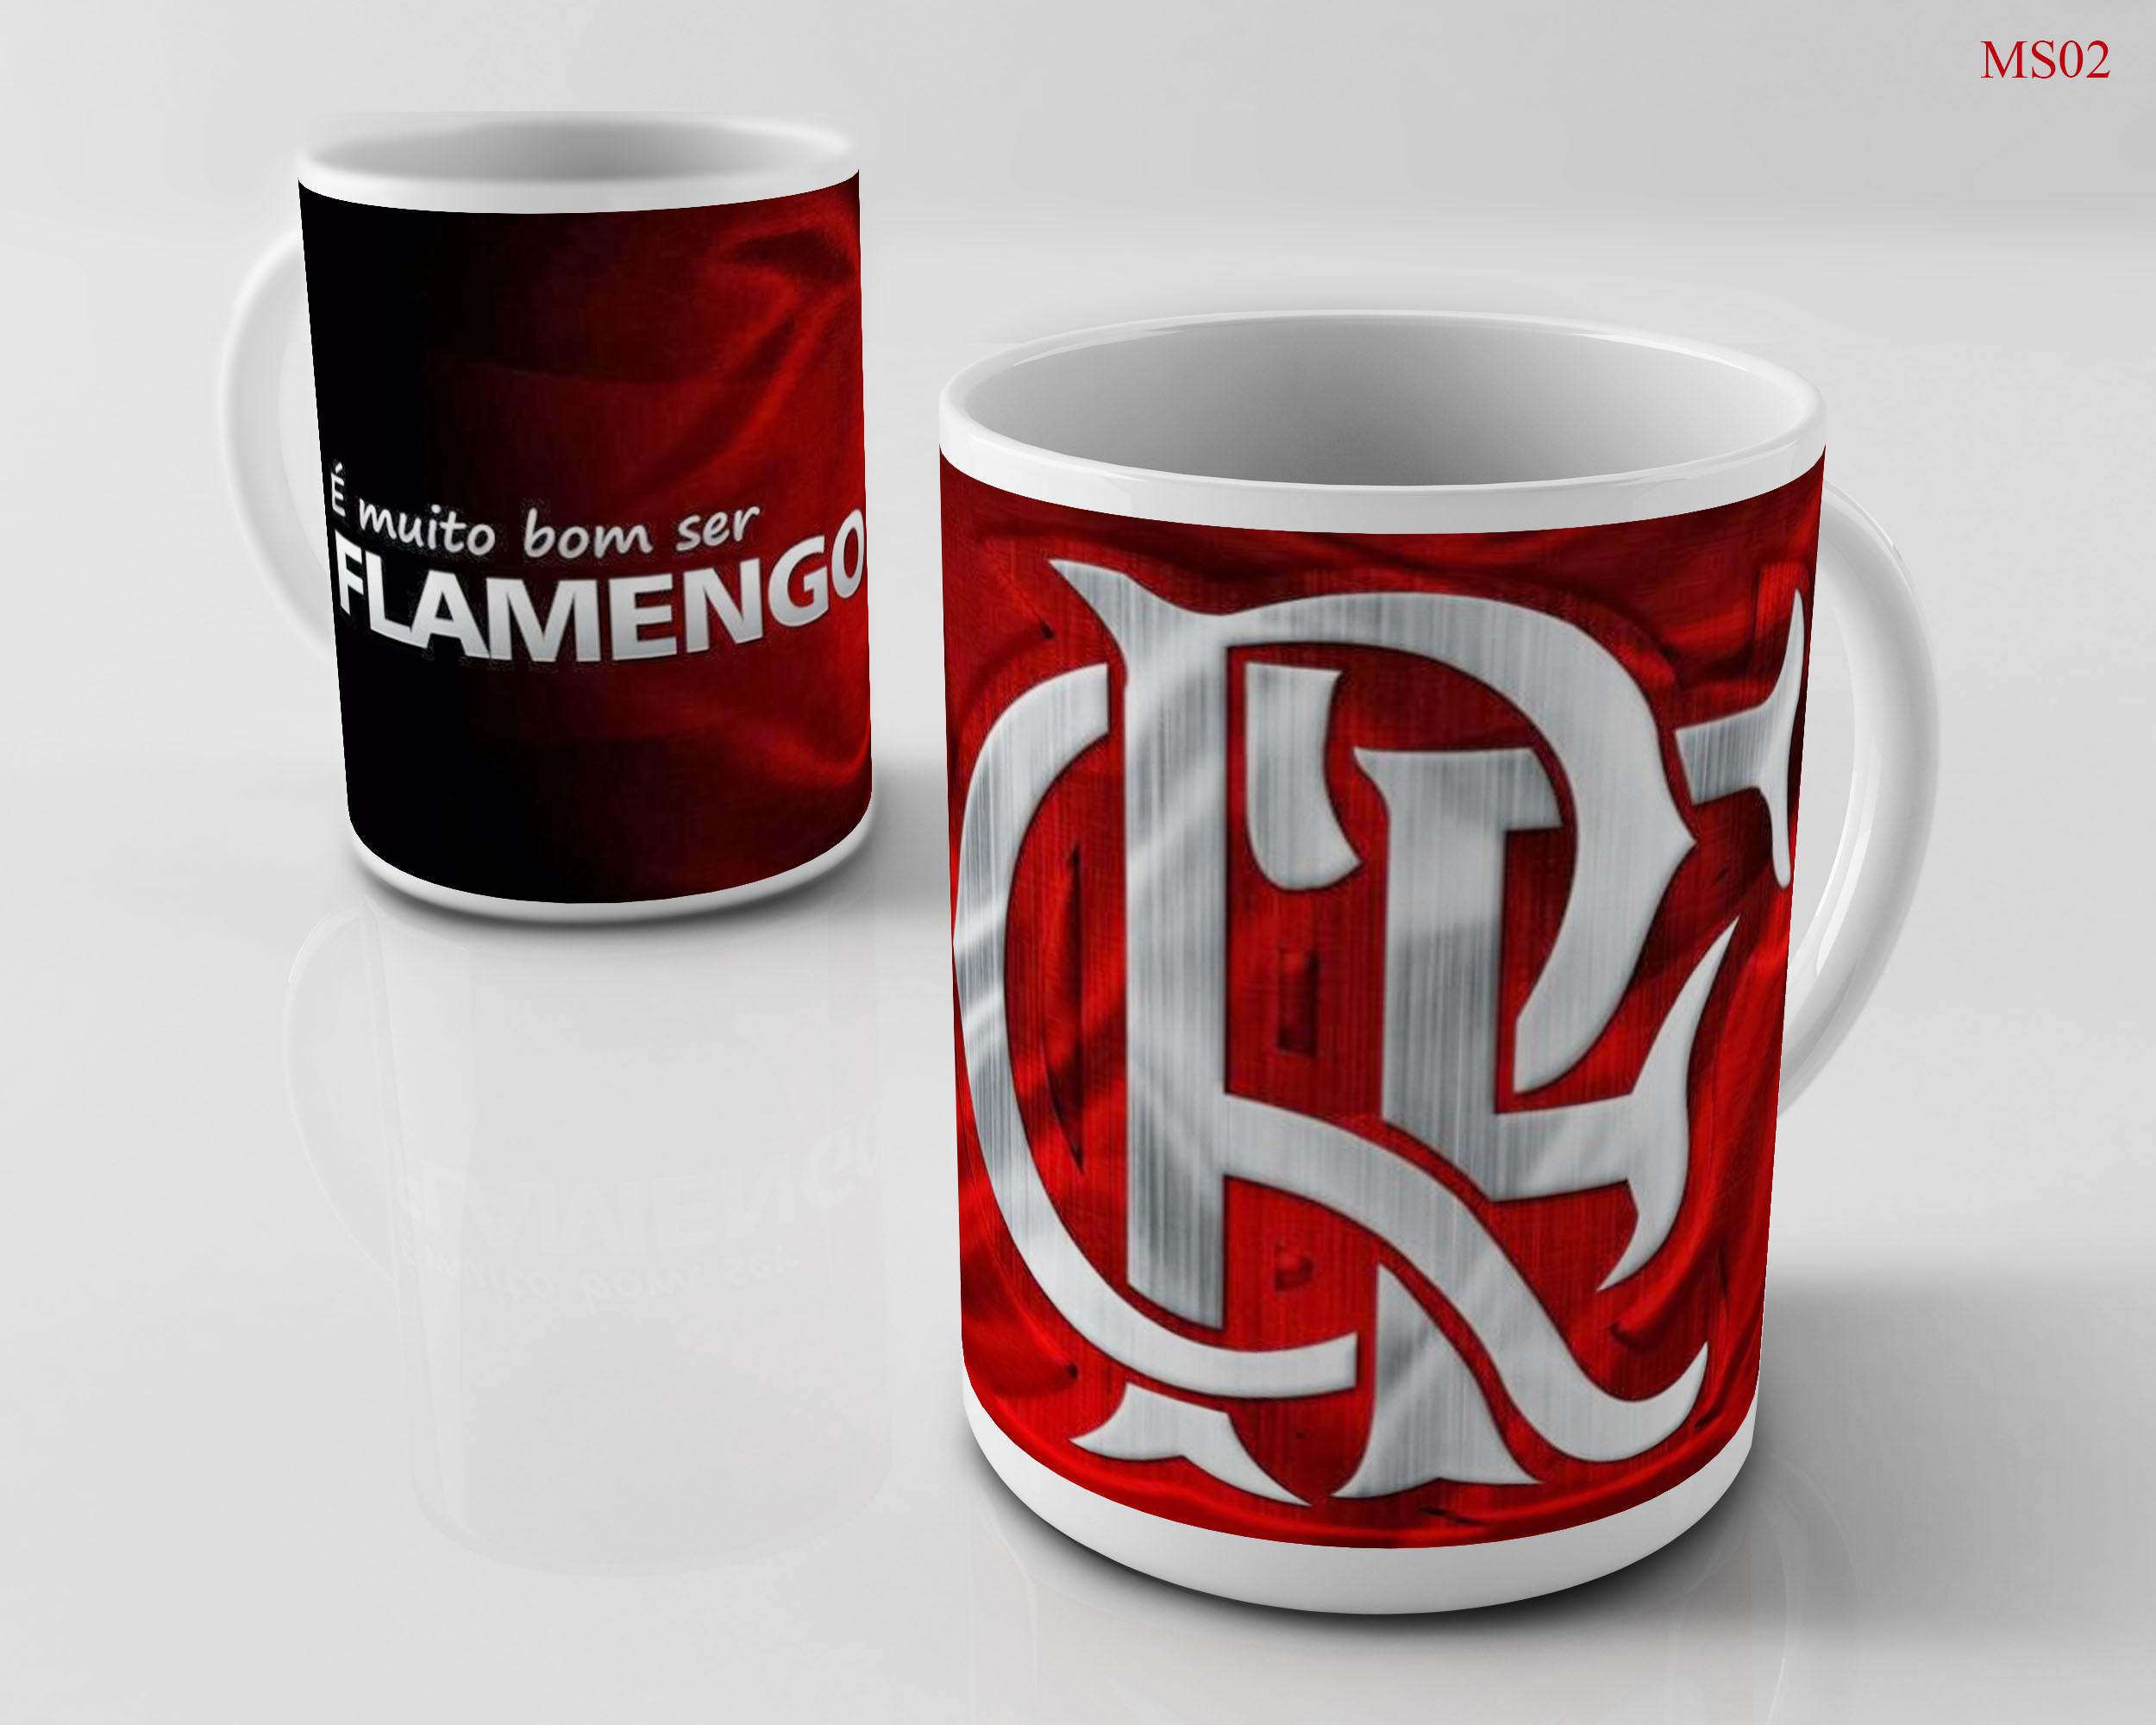 8004a1a4a1 Canecas de Time Personalizada Flamengo